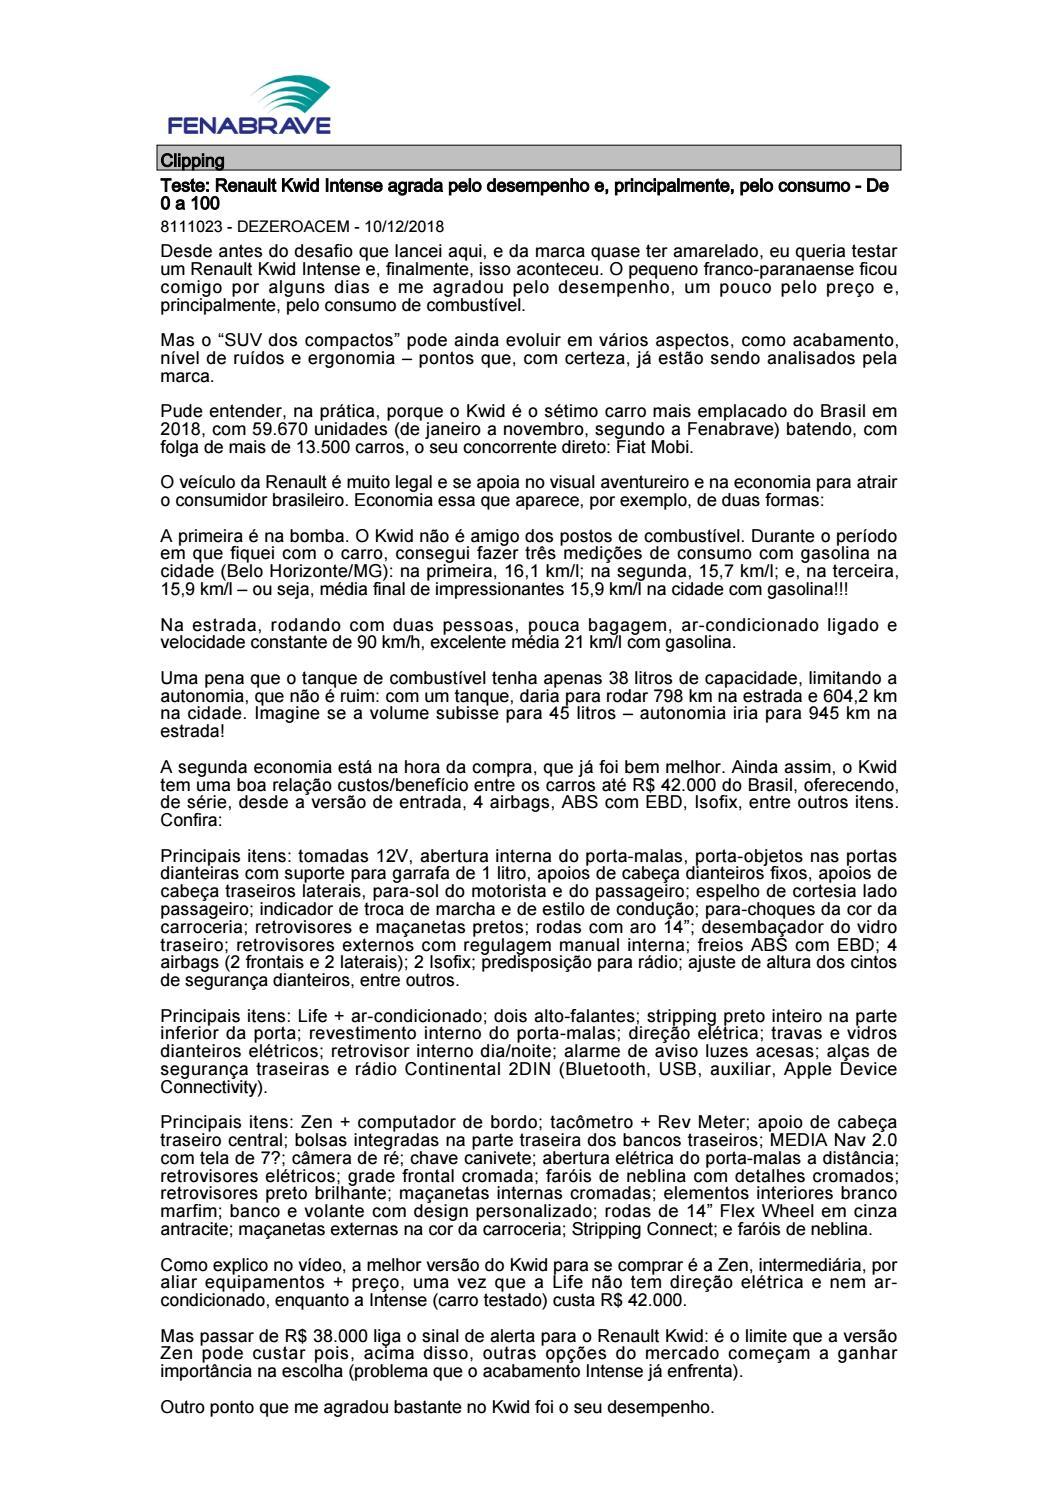 574d0ee7471 Clipping Fenabrave 10.12.2018 by MCE Comunicação - issuu